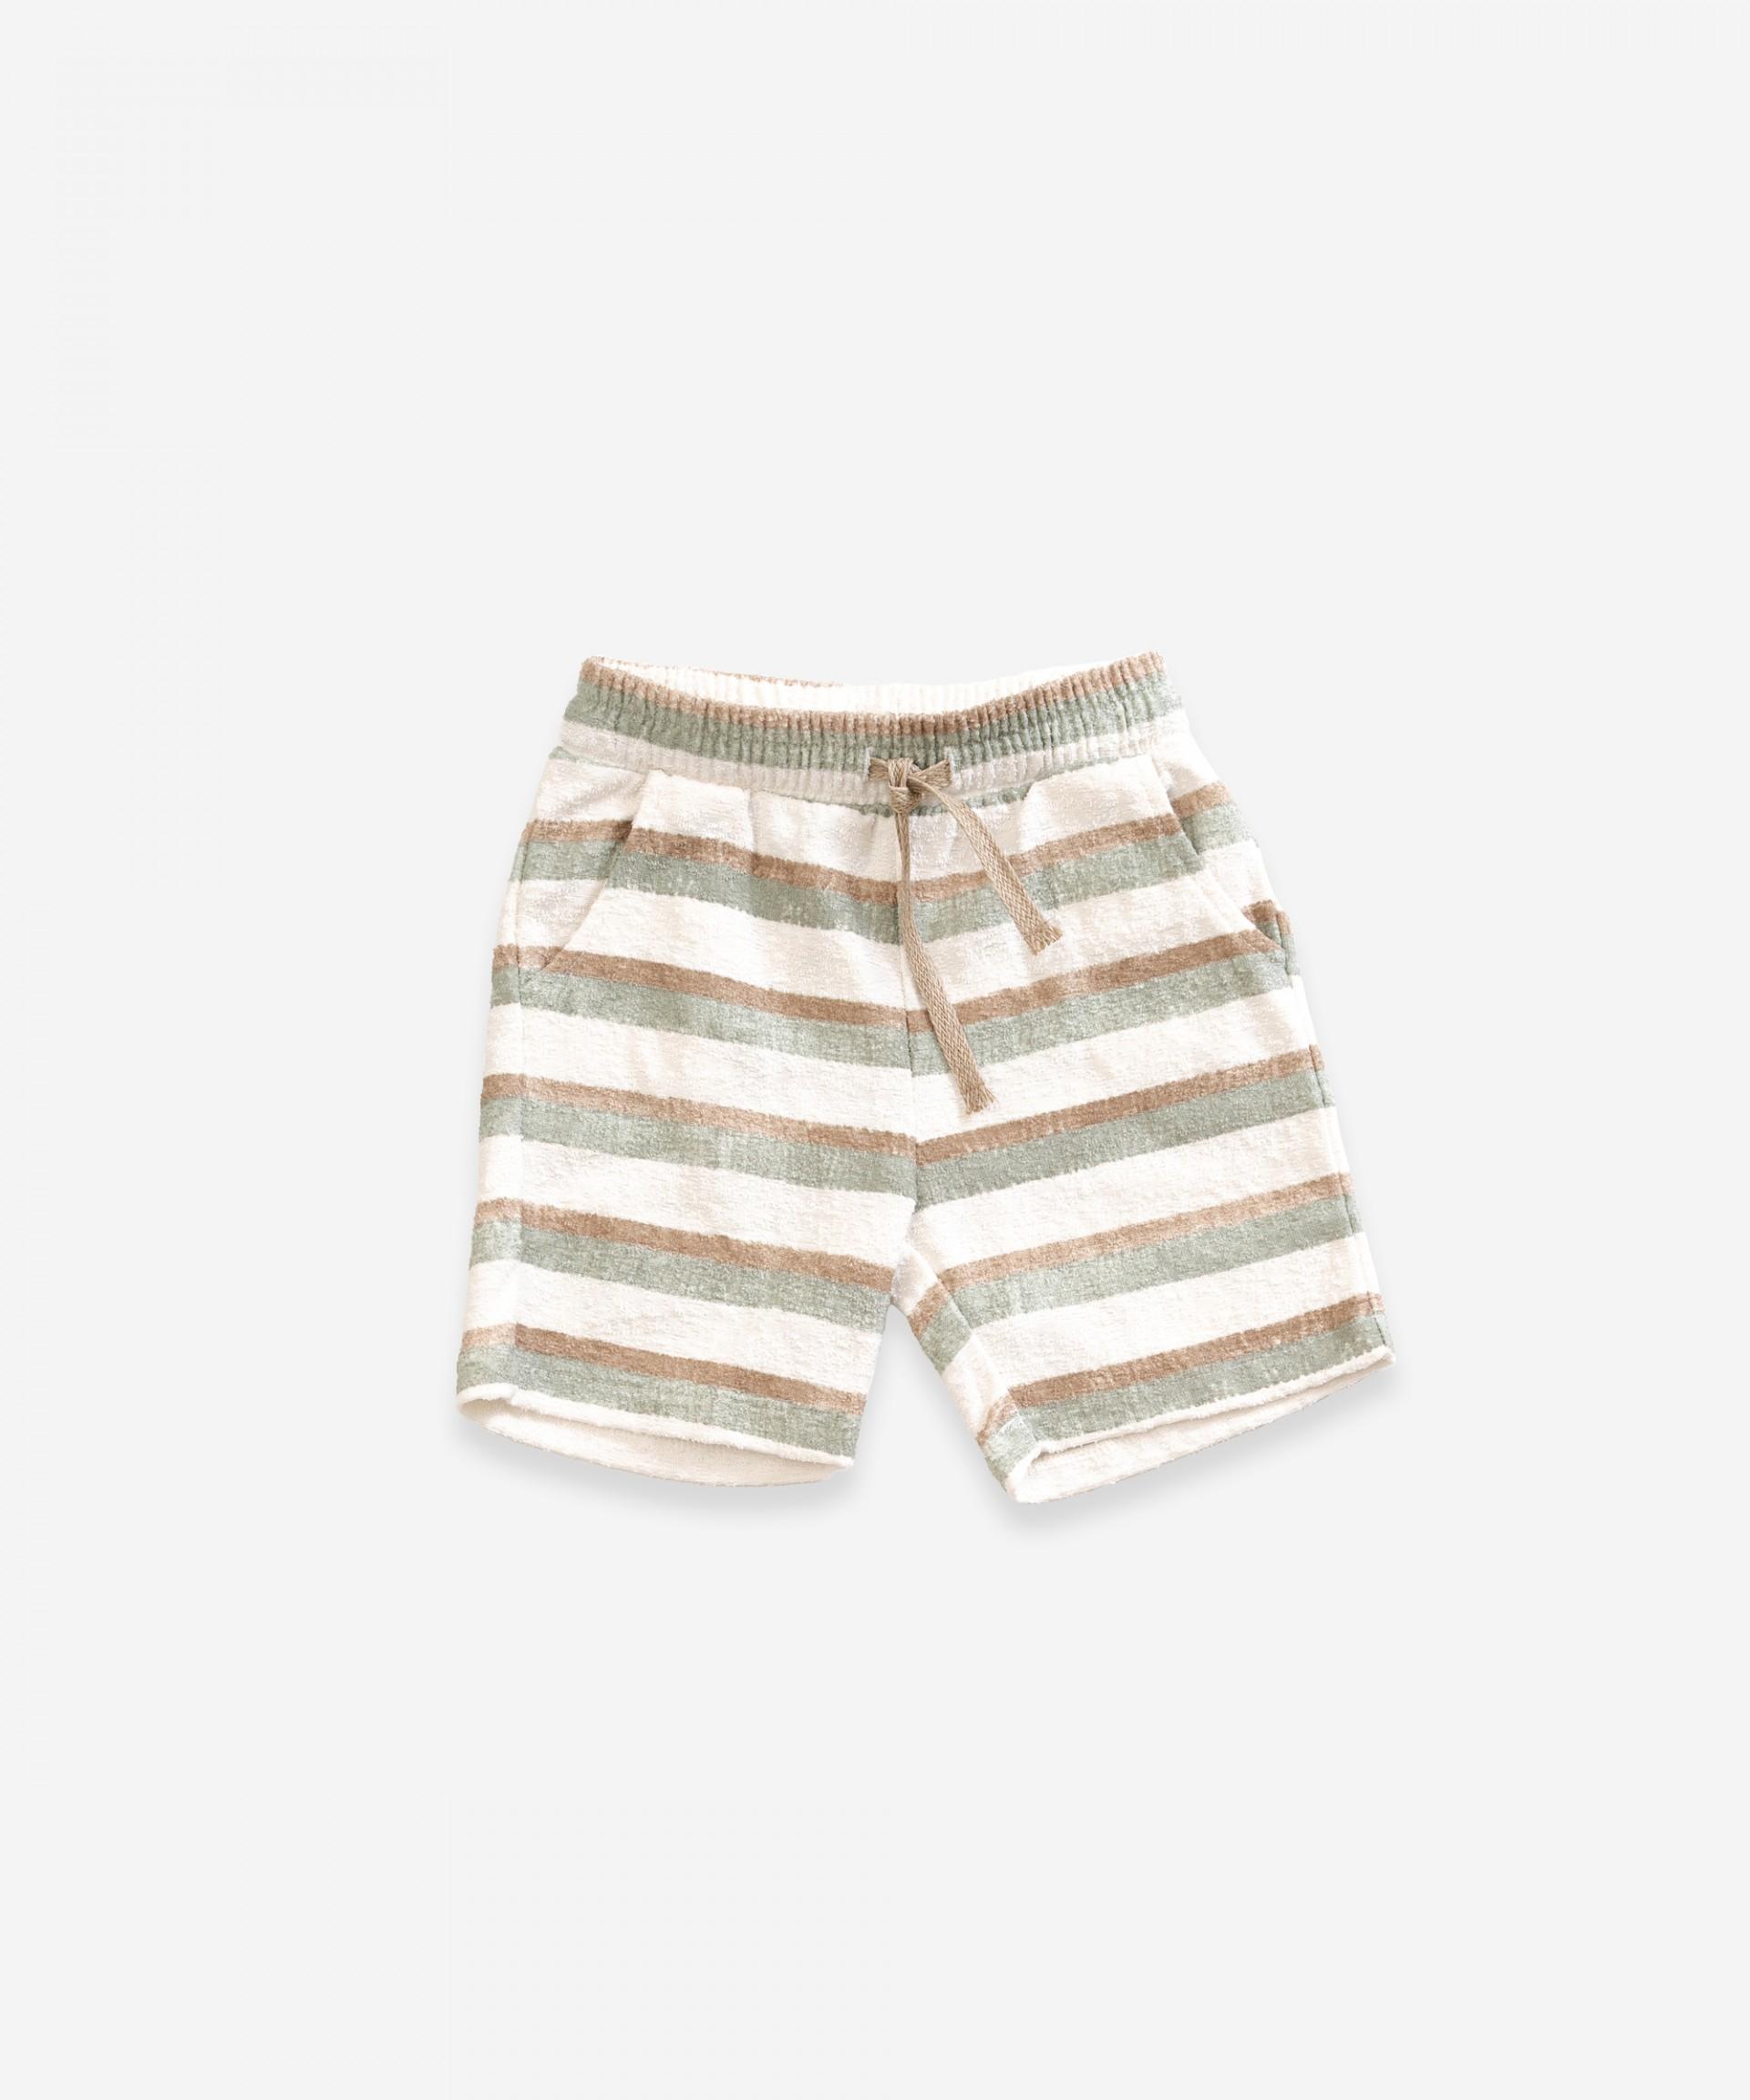 Pantalón corto de algodón orgánico | Weaving